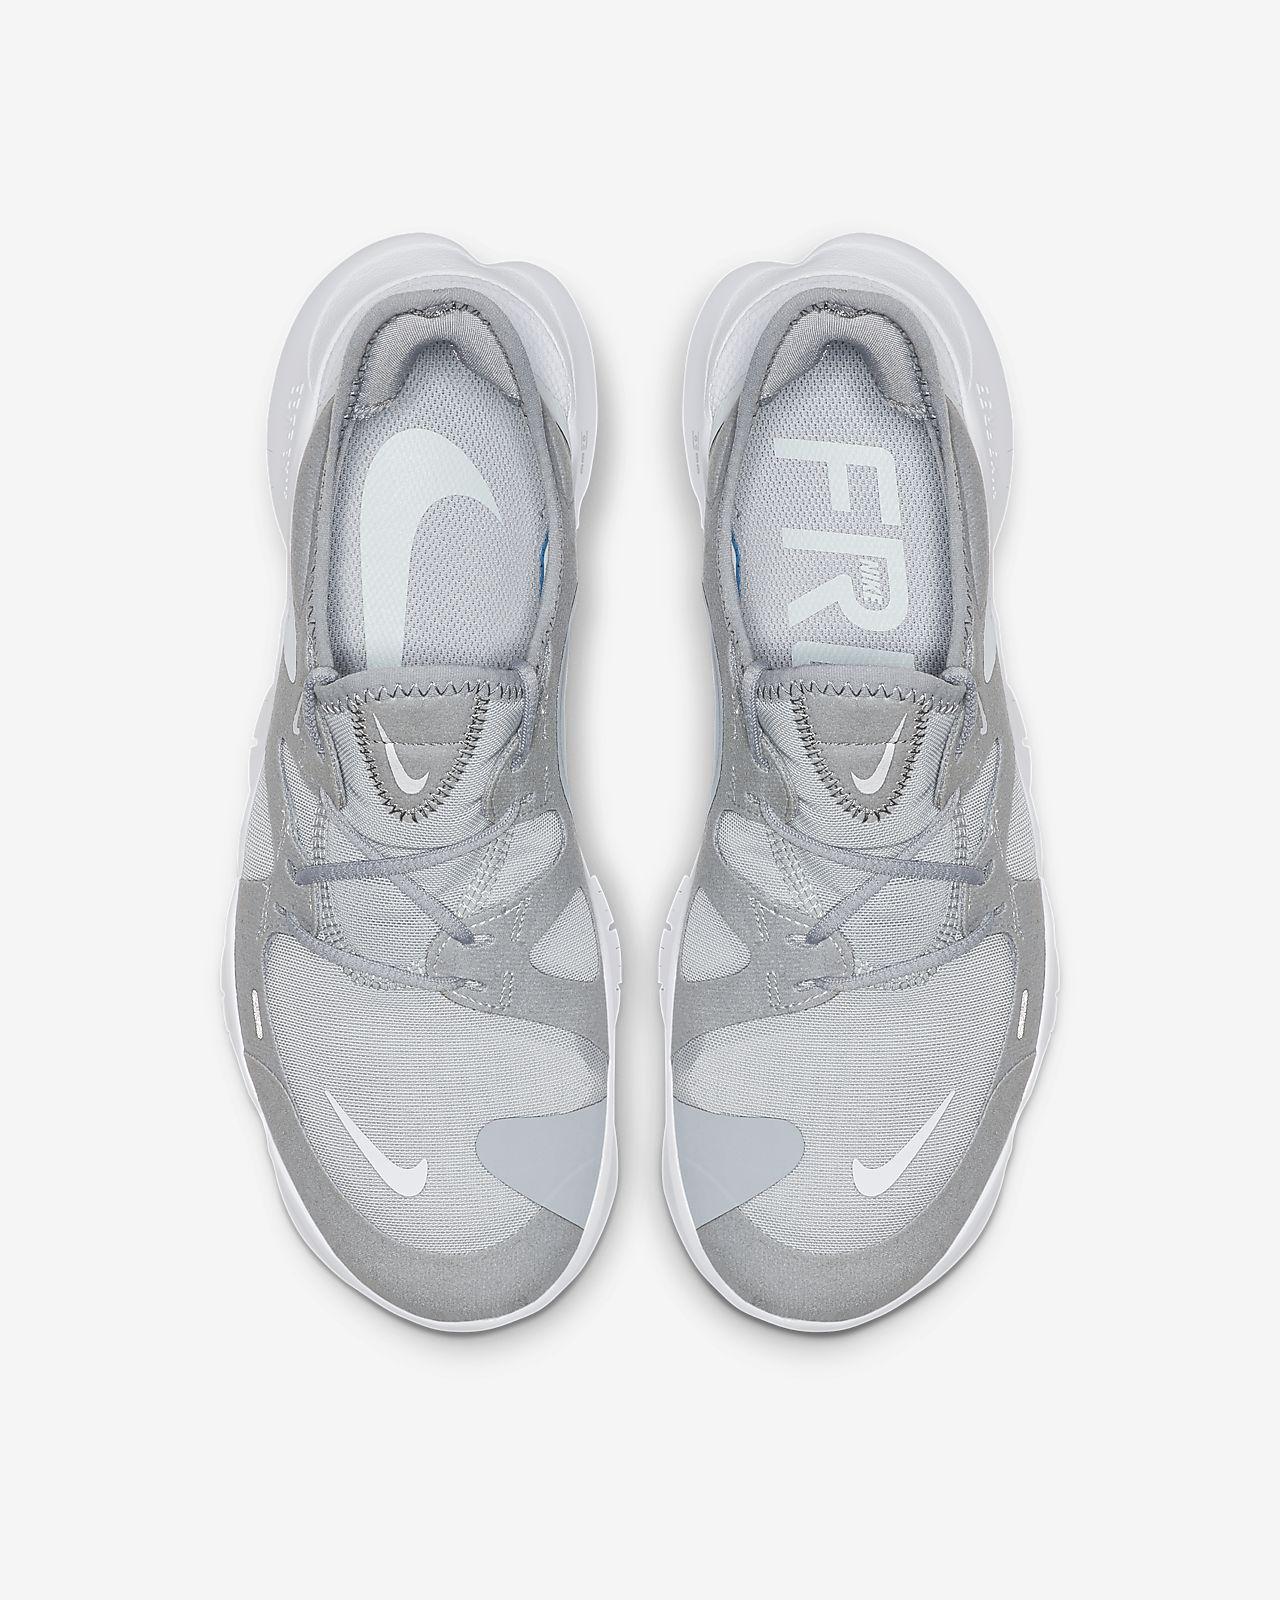 5e85256e467f Nike Free RN 5.0 Women s Running Shoe. Nike.com